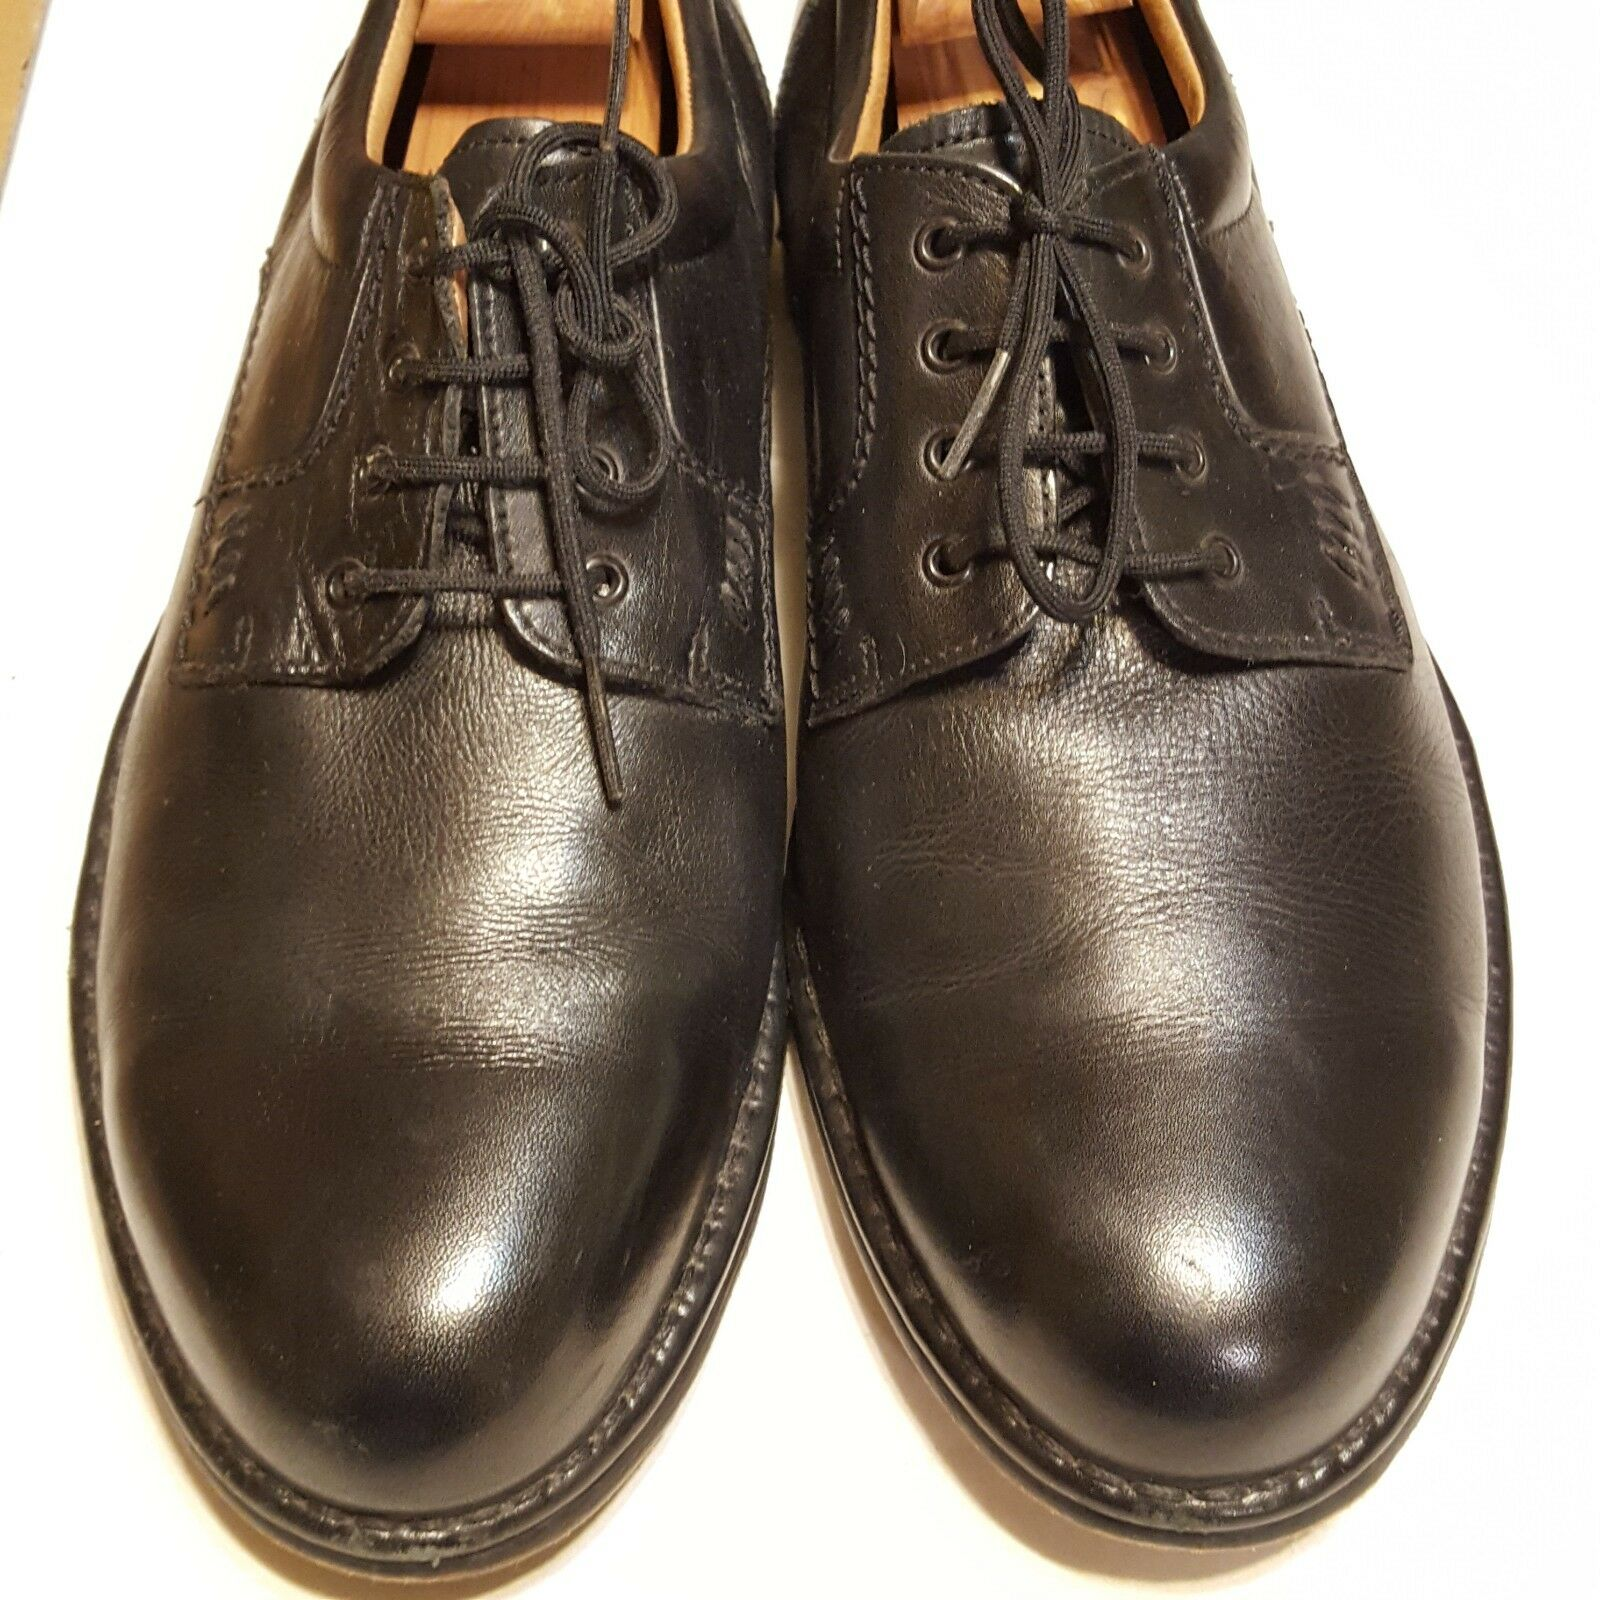 C&a homme Westbury Premium Chaussures En Cuir Oxford Noir Taille 12.5 48 C UE